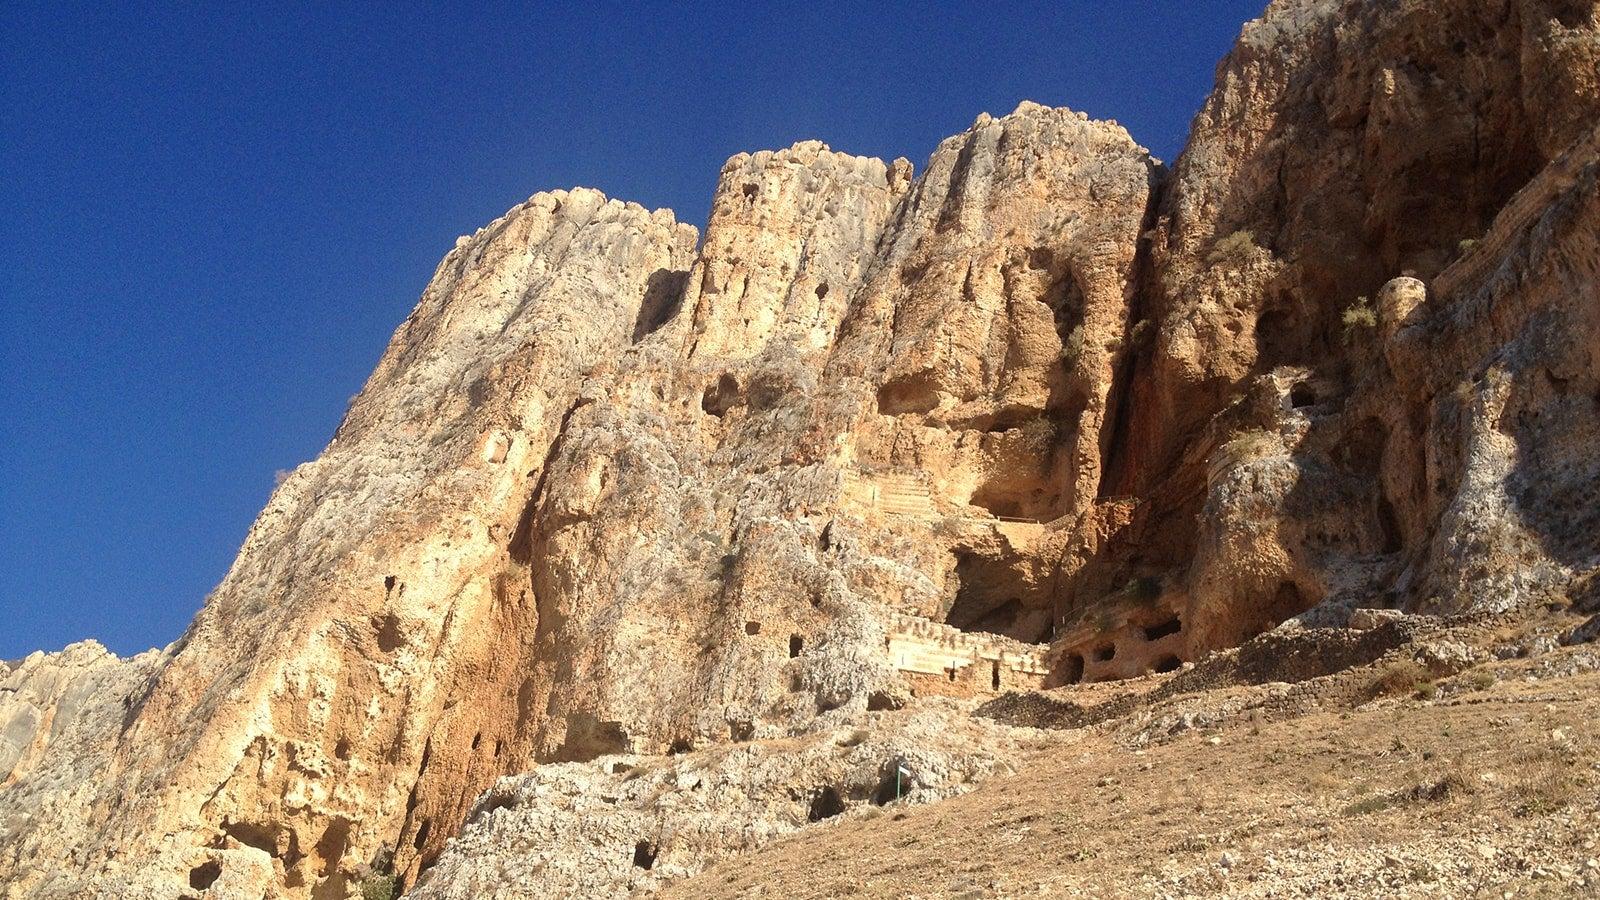 Rocks beside Sea of Galilee